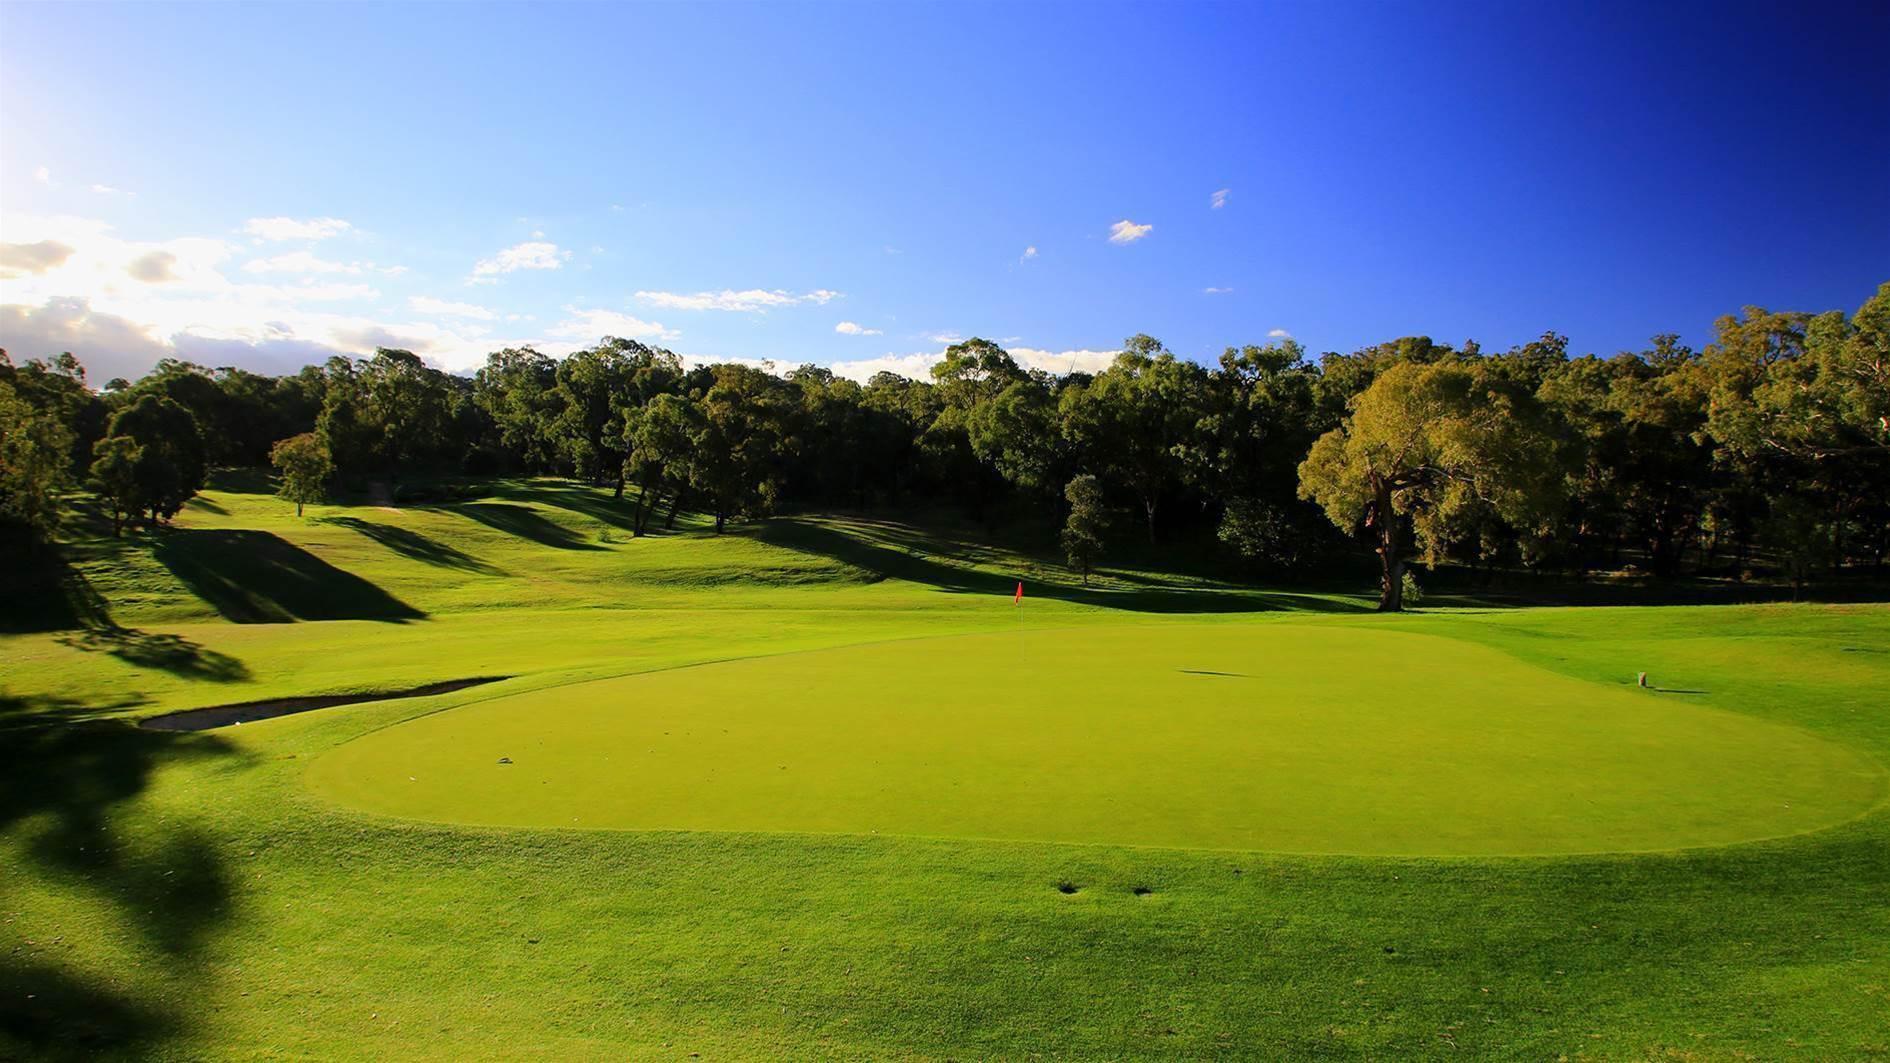 CLUB OF THE MONTH: Federal Golf Club